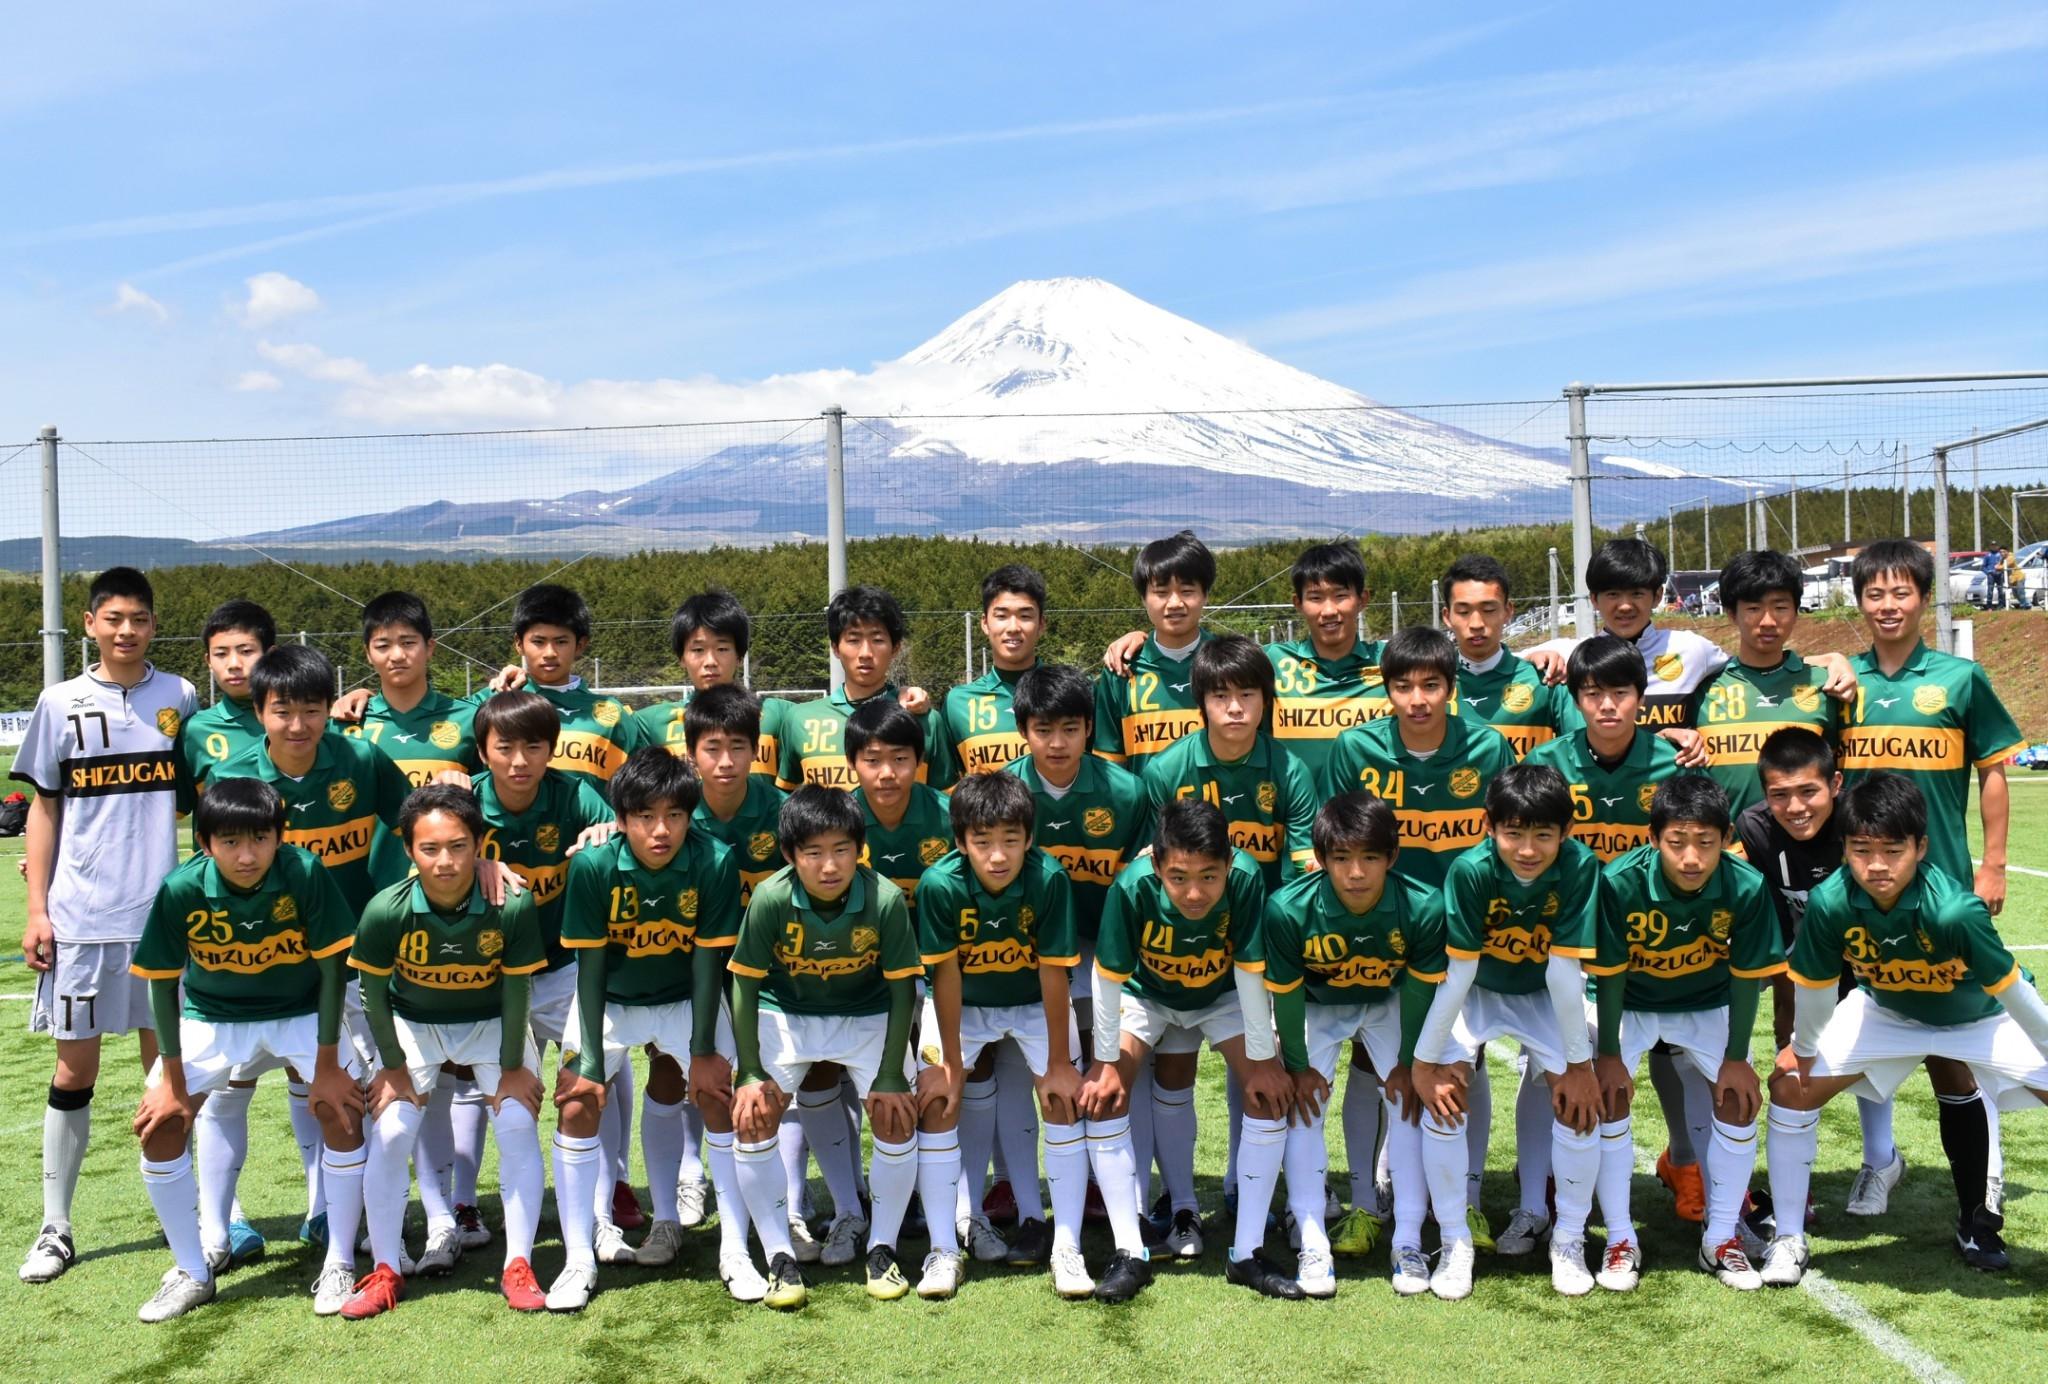 奈良 ymca サッカー